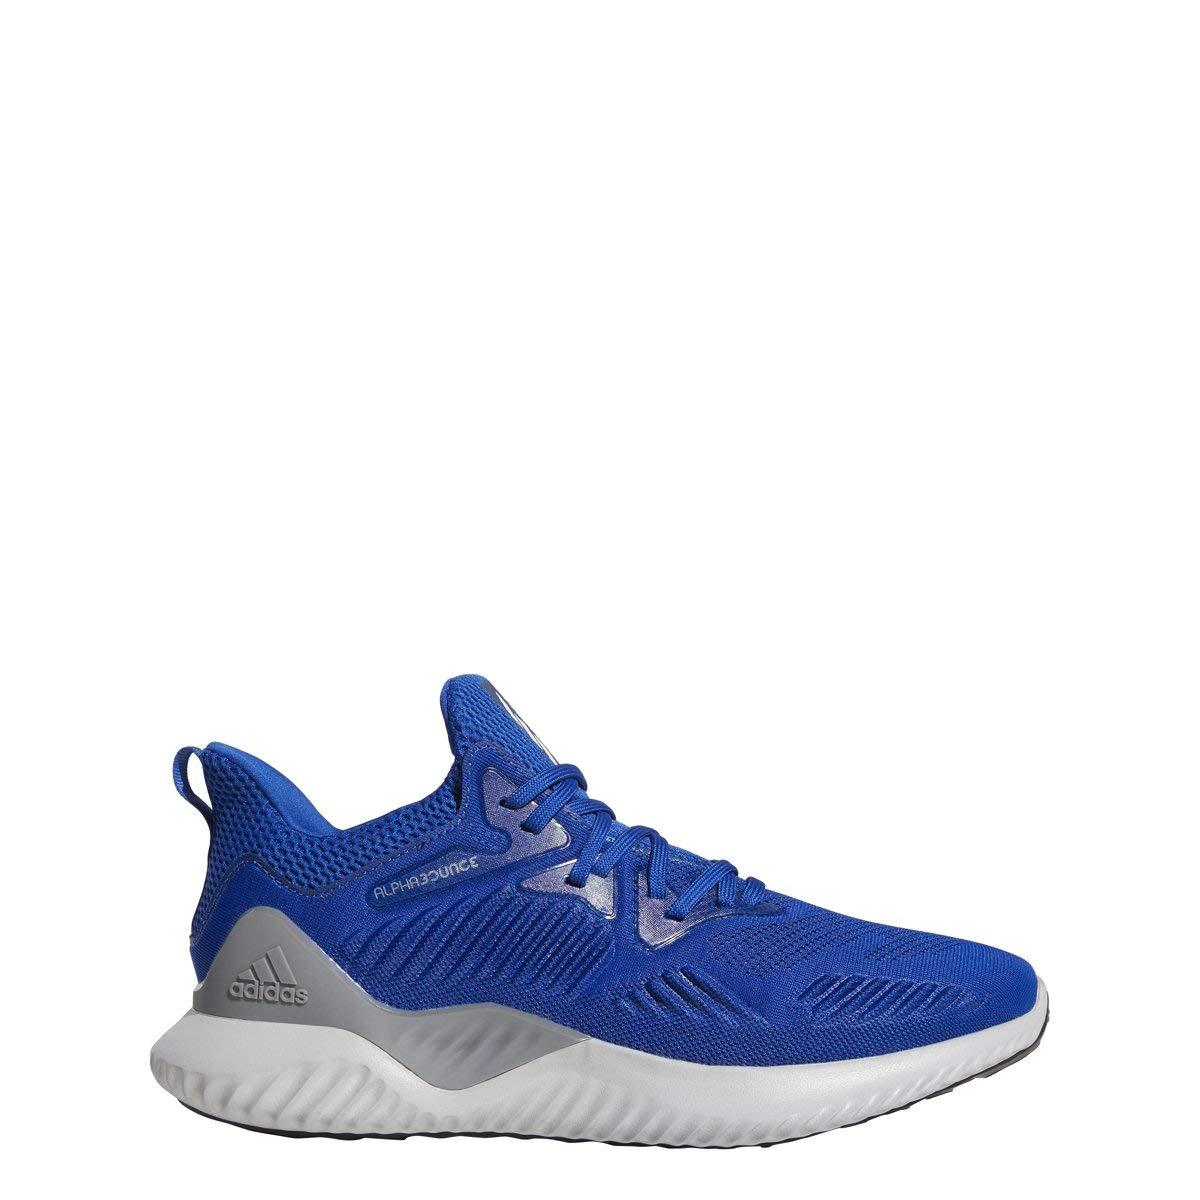 Adidas Originals - - Alphabounce Beyond Team Homme, Bleu (Collegiate Royal blanc noir), 44.5 EU  obtenir la dernière